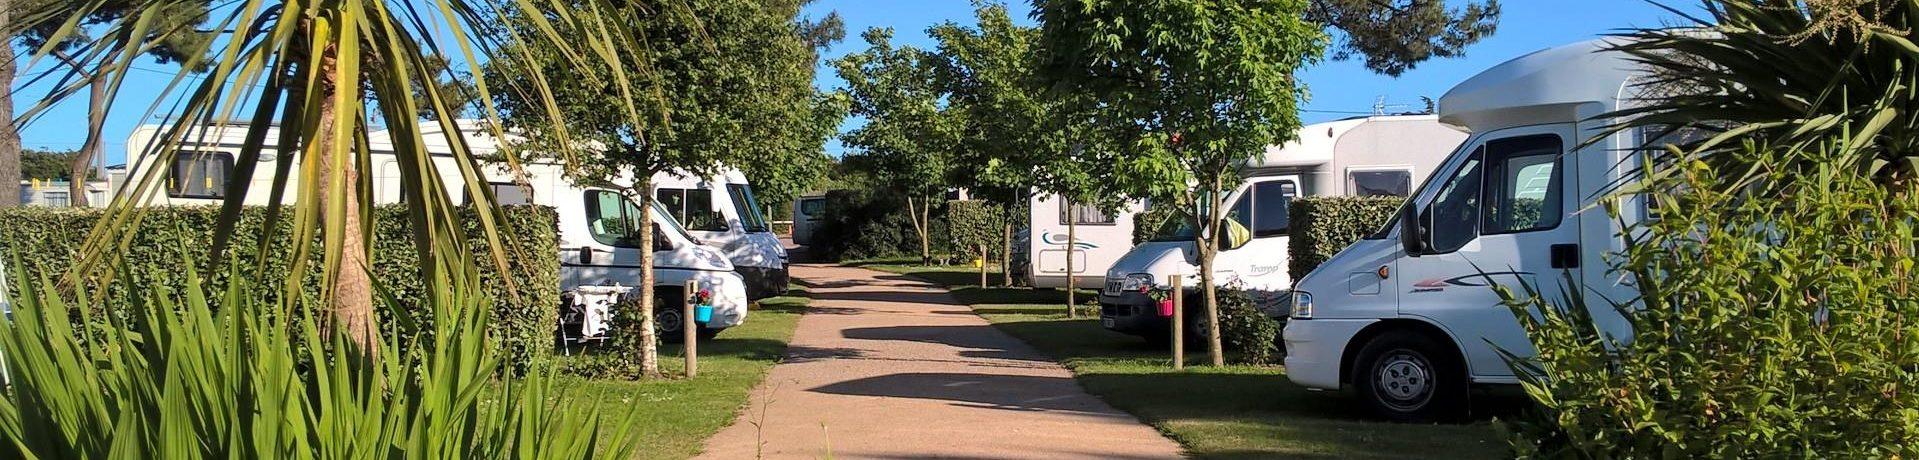 Camping De La Plage is een fijne kleine aan zee in Fermanville in de regio Normandië met 15 toerplaatsen en 14 huuraccommodaties.